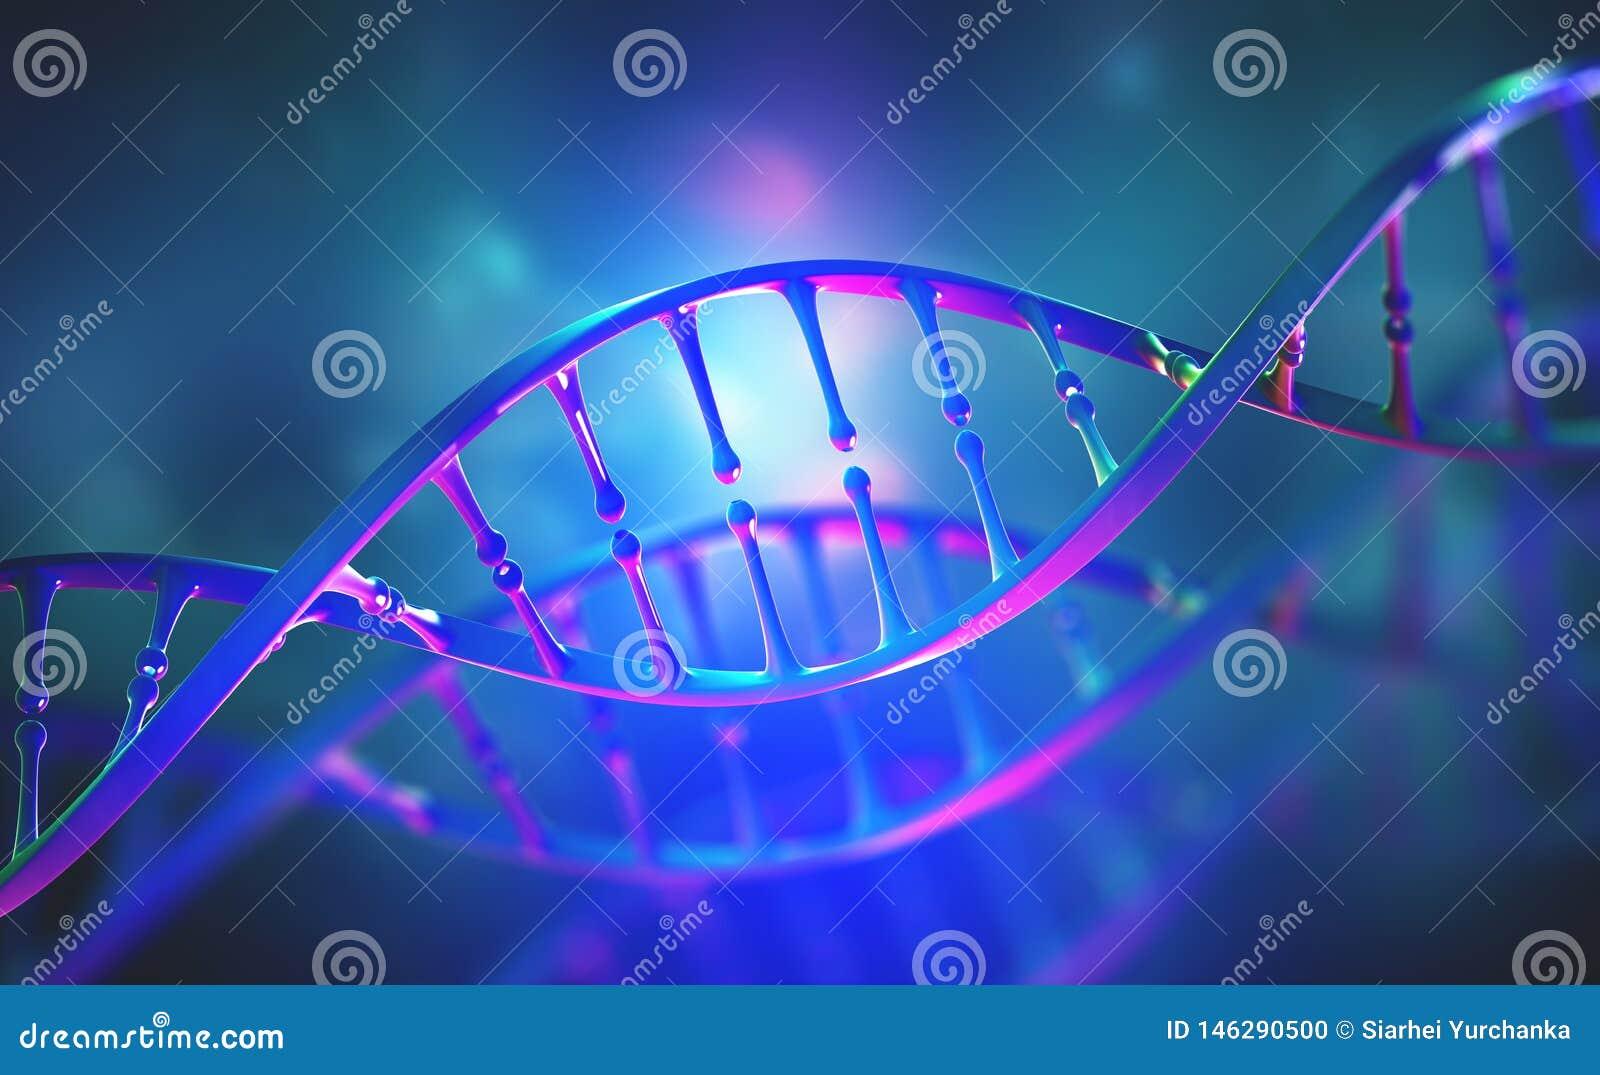 DNA-genoomonderzoek Helder neonlicht DNA-moleculestructuur